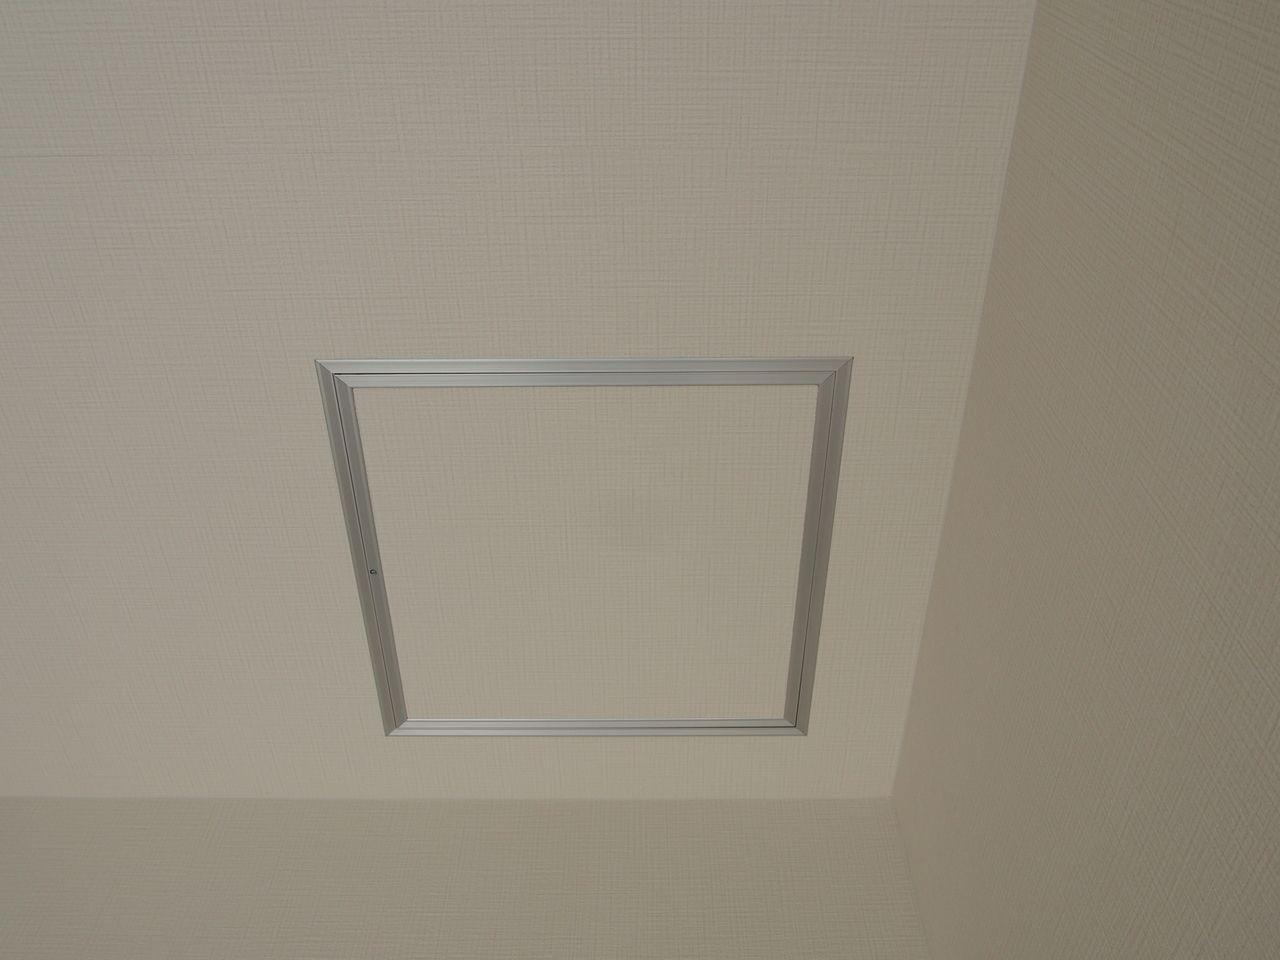 小屋裏とは屋根の下面のスペースで室内側から言えば天井の上側のスペースのことです。 柱や梁以外にも構造部を留める金物をチェックしたり、断熱材の有無や状態をチェックしたりできます。そして、水染みの痕がないかどうかチェックできることもメリットです。